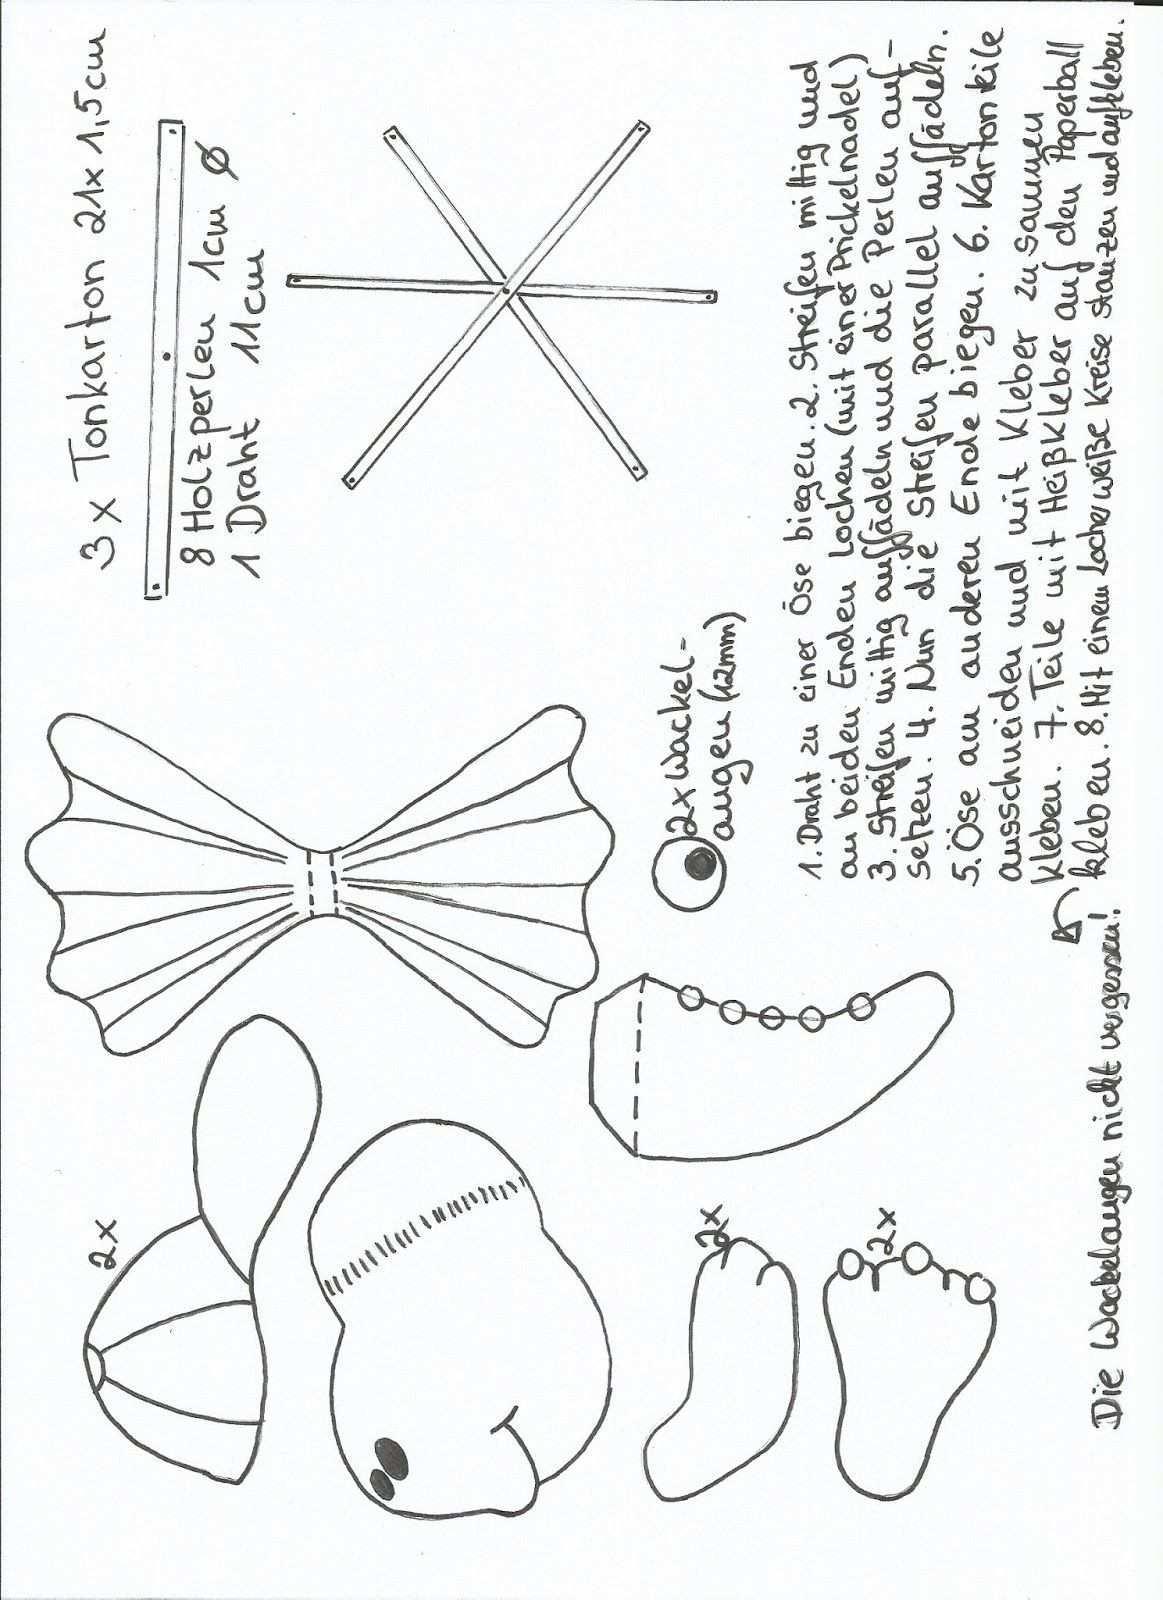 Crafts By Mirka Der Kleine Drache Kokosnuss Paperball Bastelanleitung Drachen Basteln Vorlage Drachen Basteln Der Kleine Drache Kokosnuss